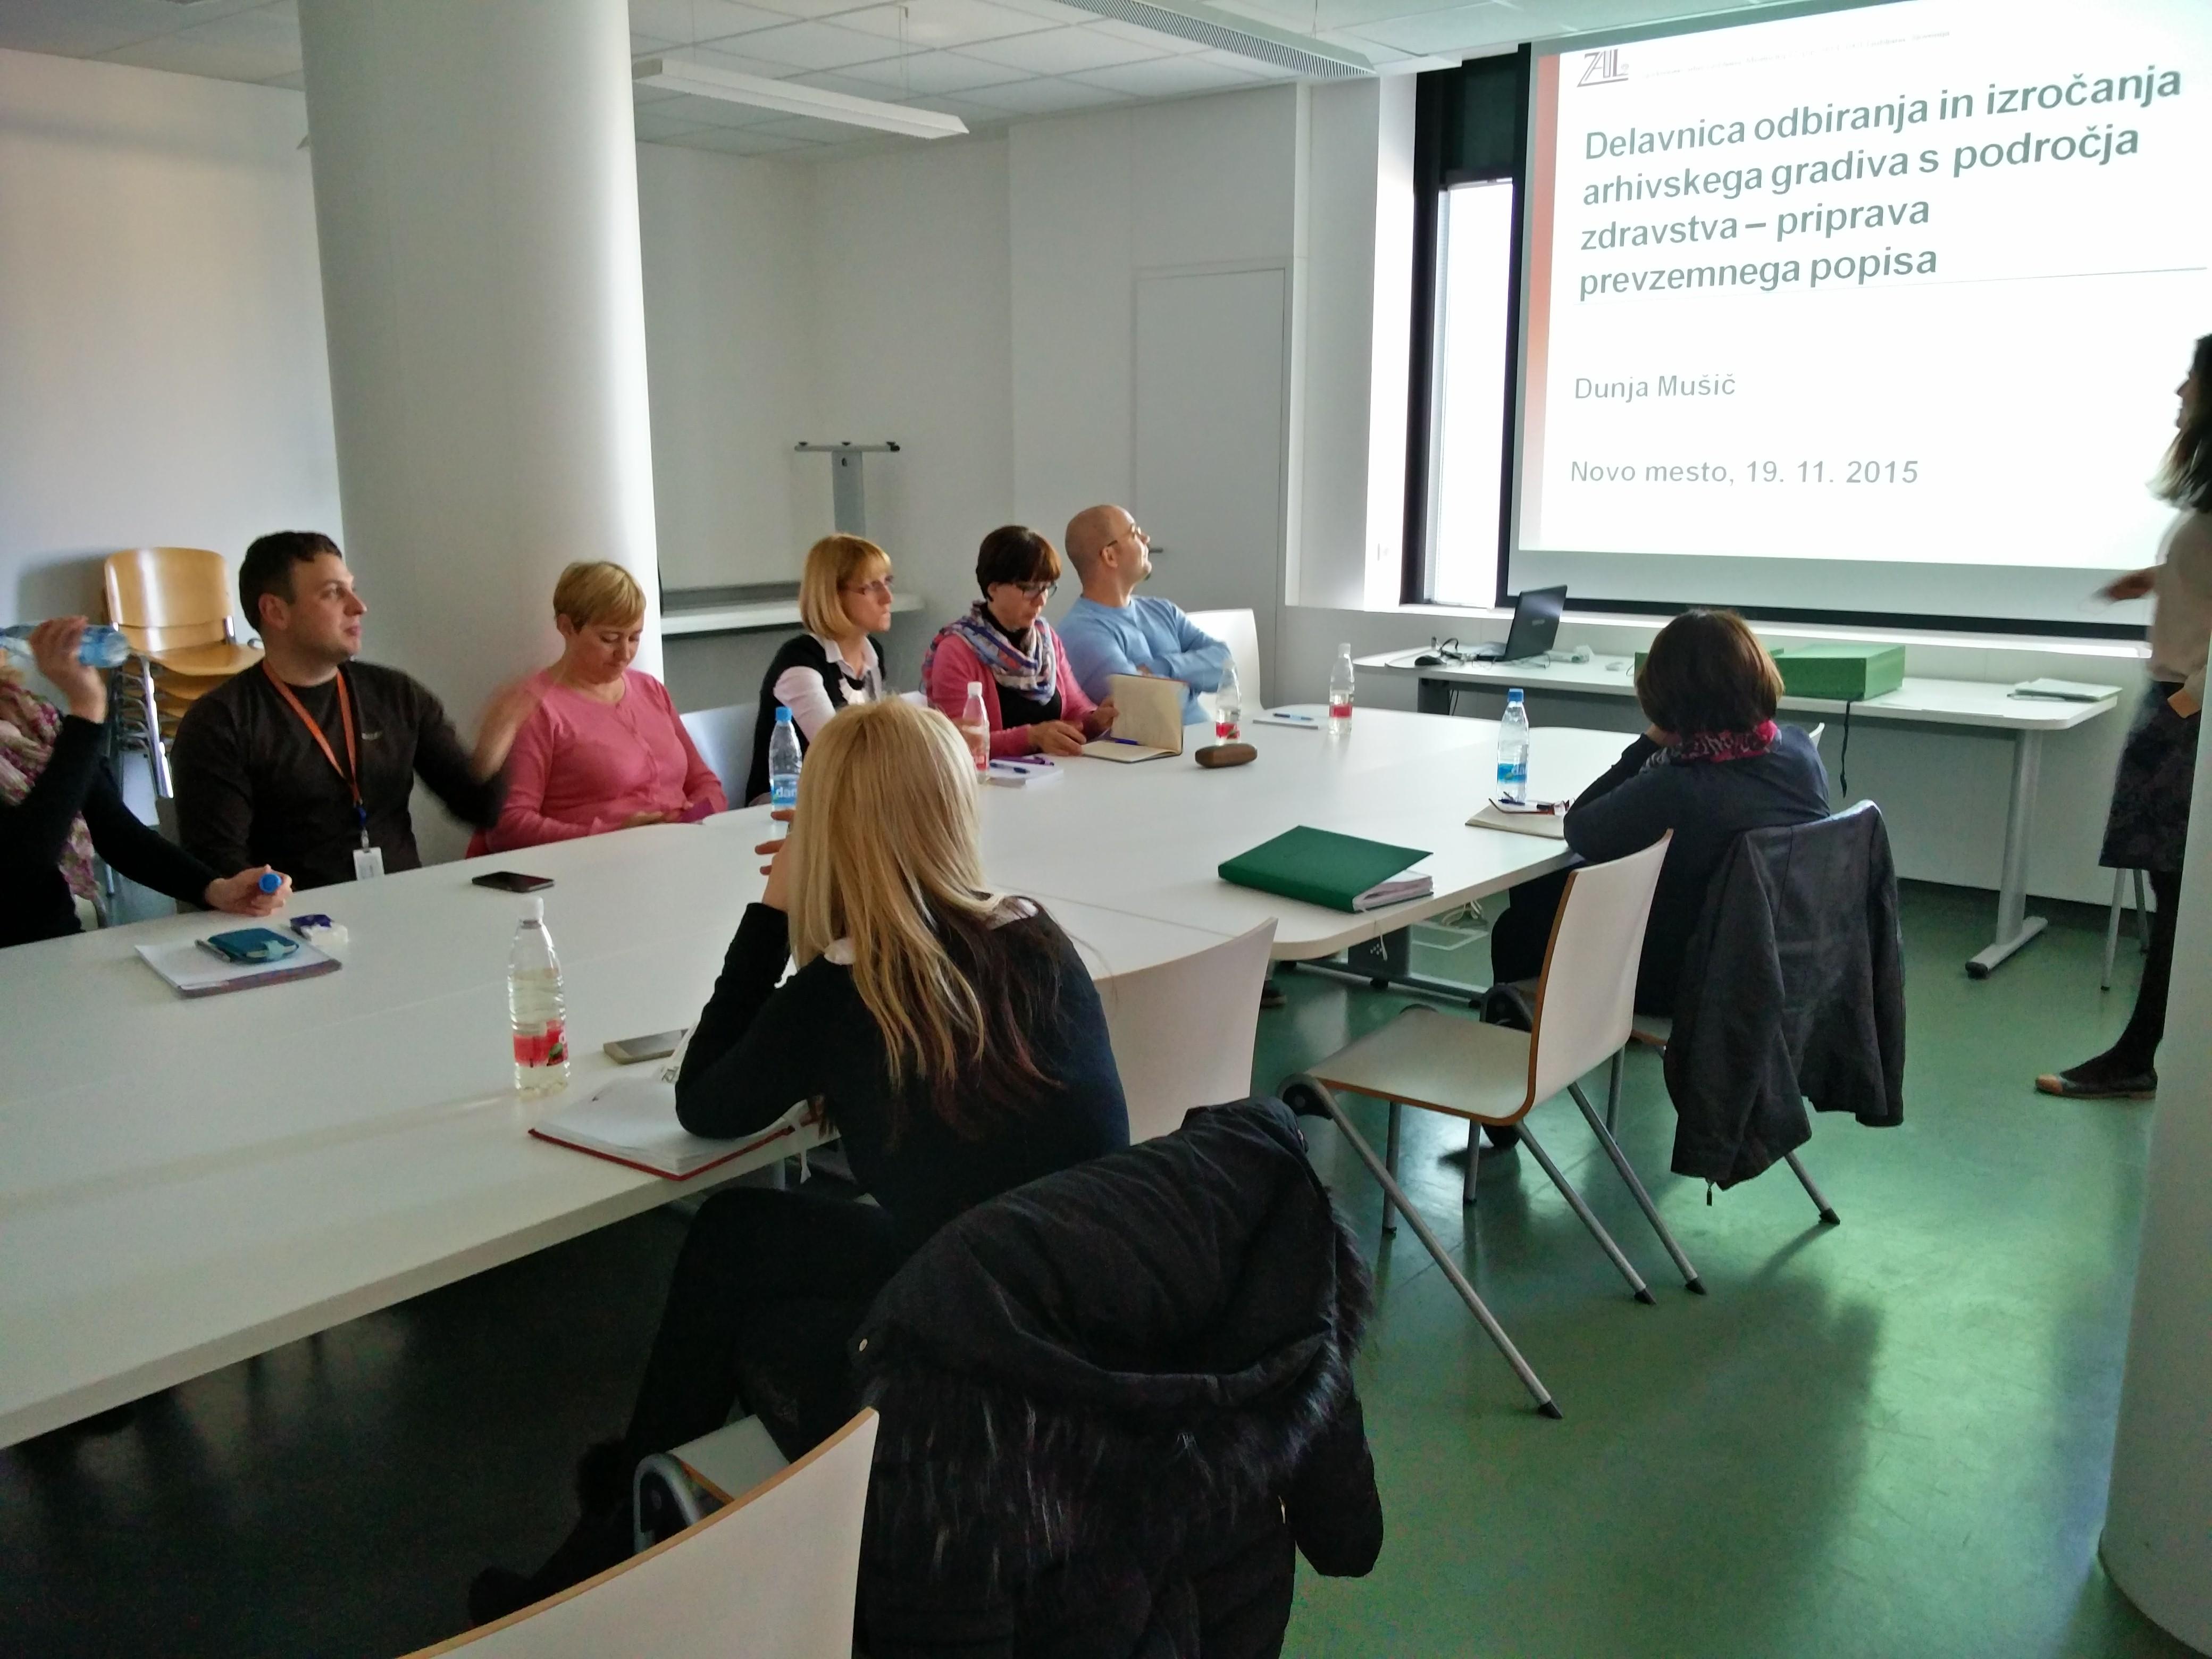 Udeleženci pri predavanju seminarja za strokovno usposabljanje za delo z dokumentarnim in arhivskim gradivom